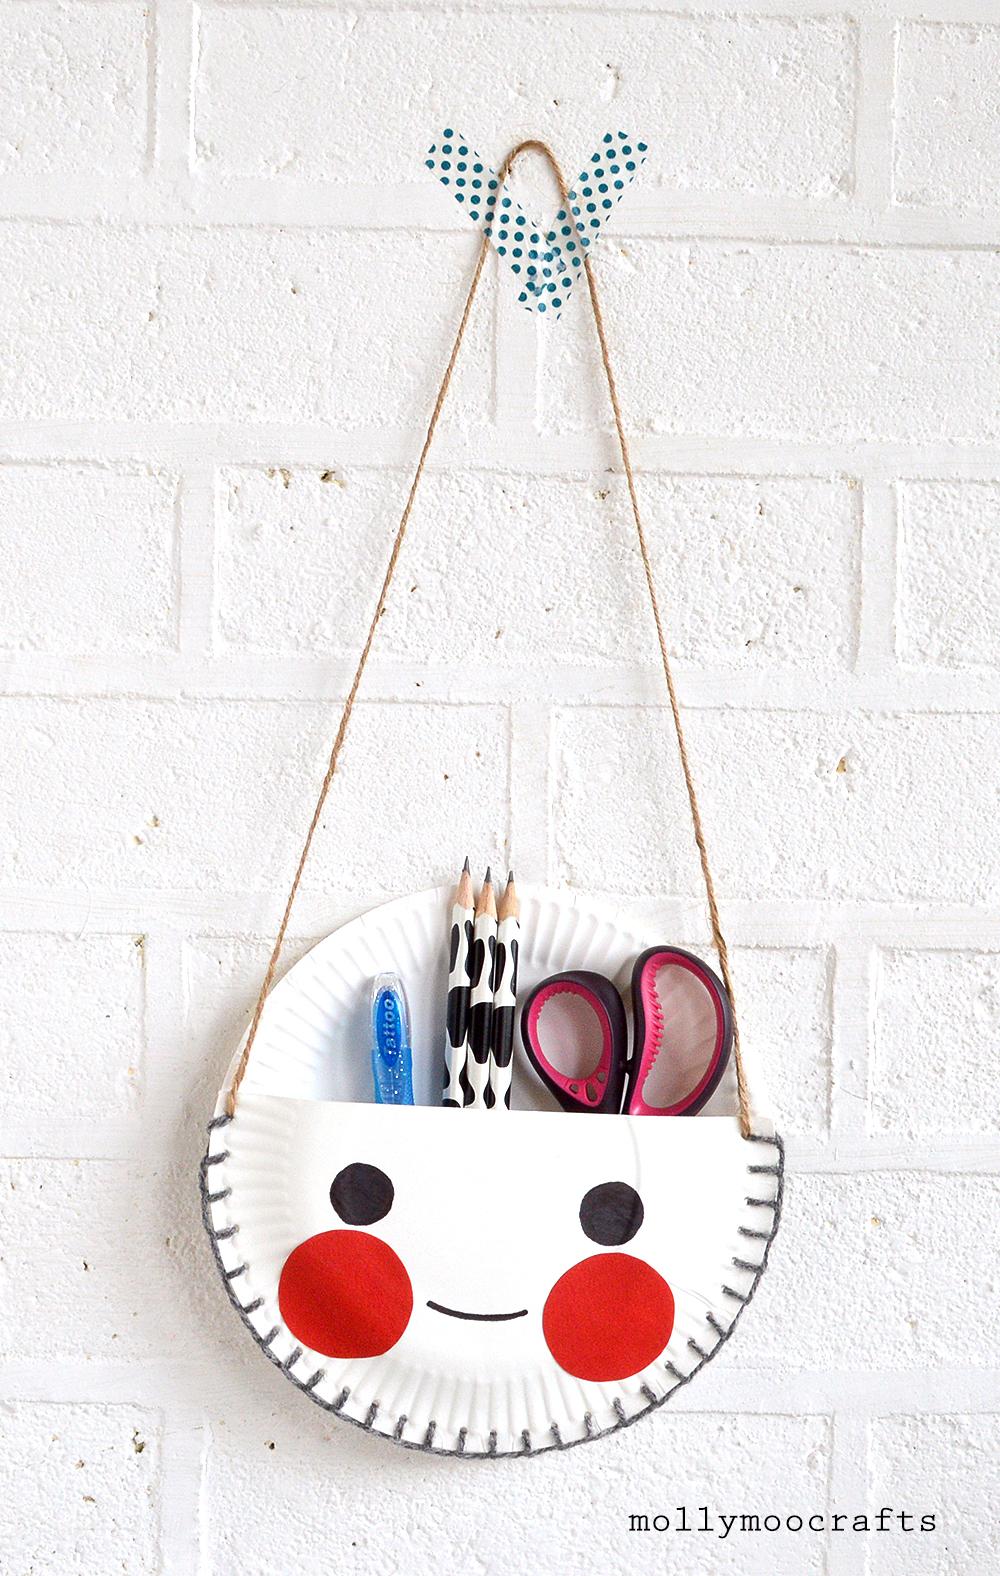 Resin Crafts Blog   DIY Crafts   Crafts for Kids   Spring Break  